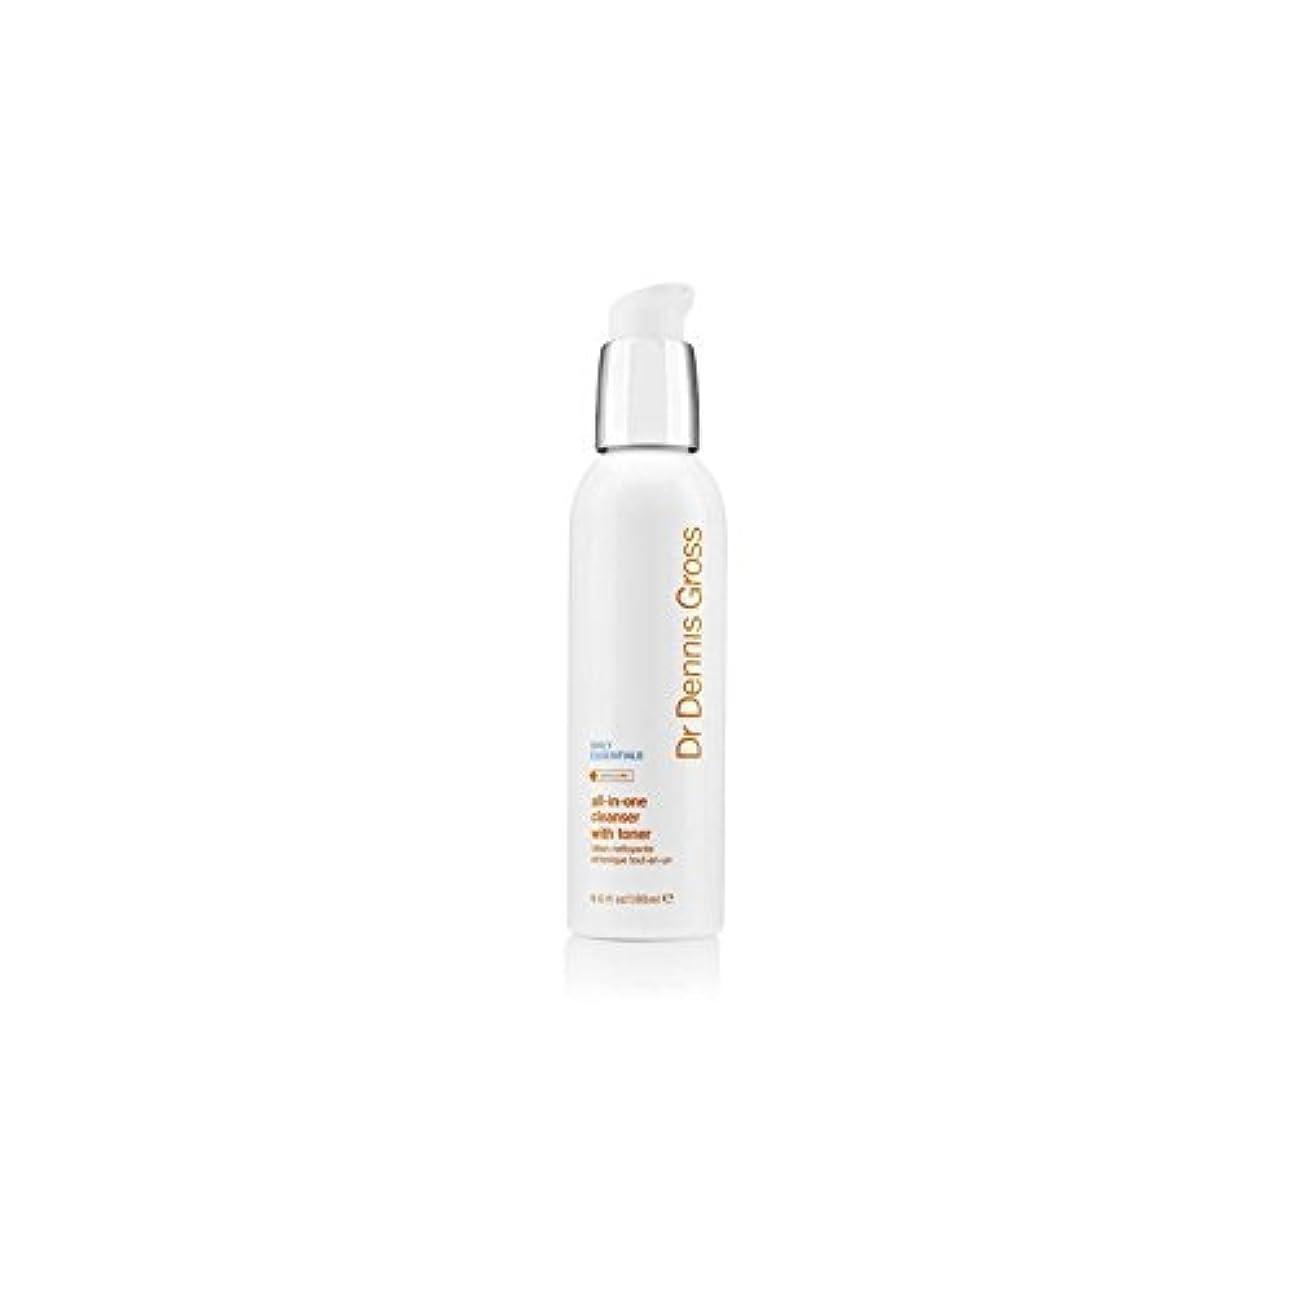 エステート電極ゴミDr Dennis Gross All-In-One Facial Cleanser With Toner (180ml) - デニスグロスオールインワントナー(180ミリリットル)とフェイシャルクレンザー [並行輸入品]